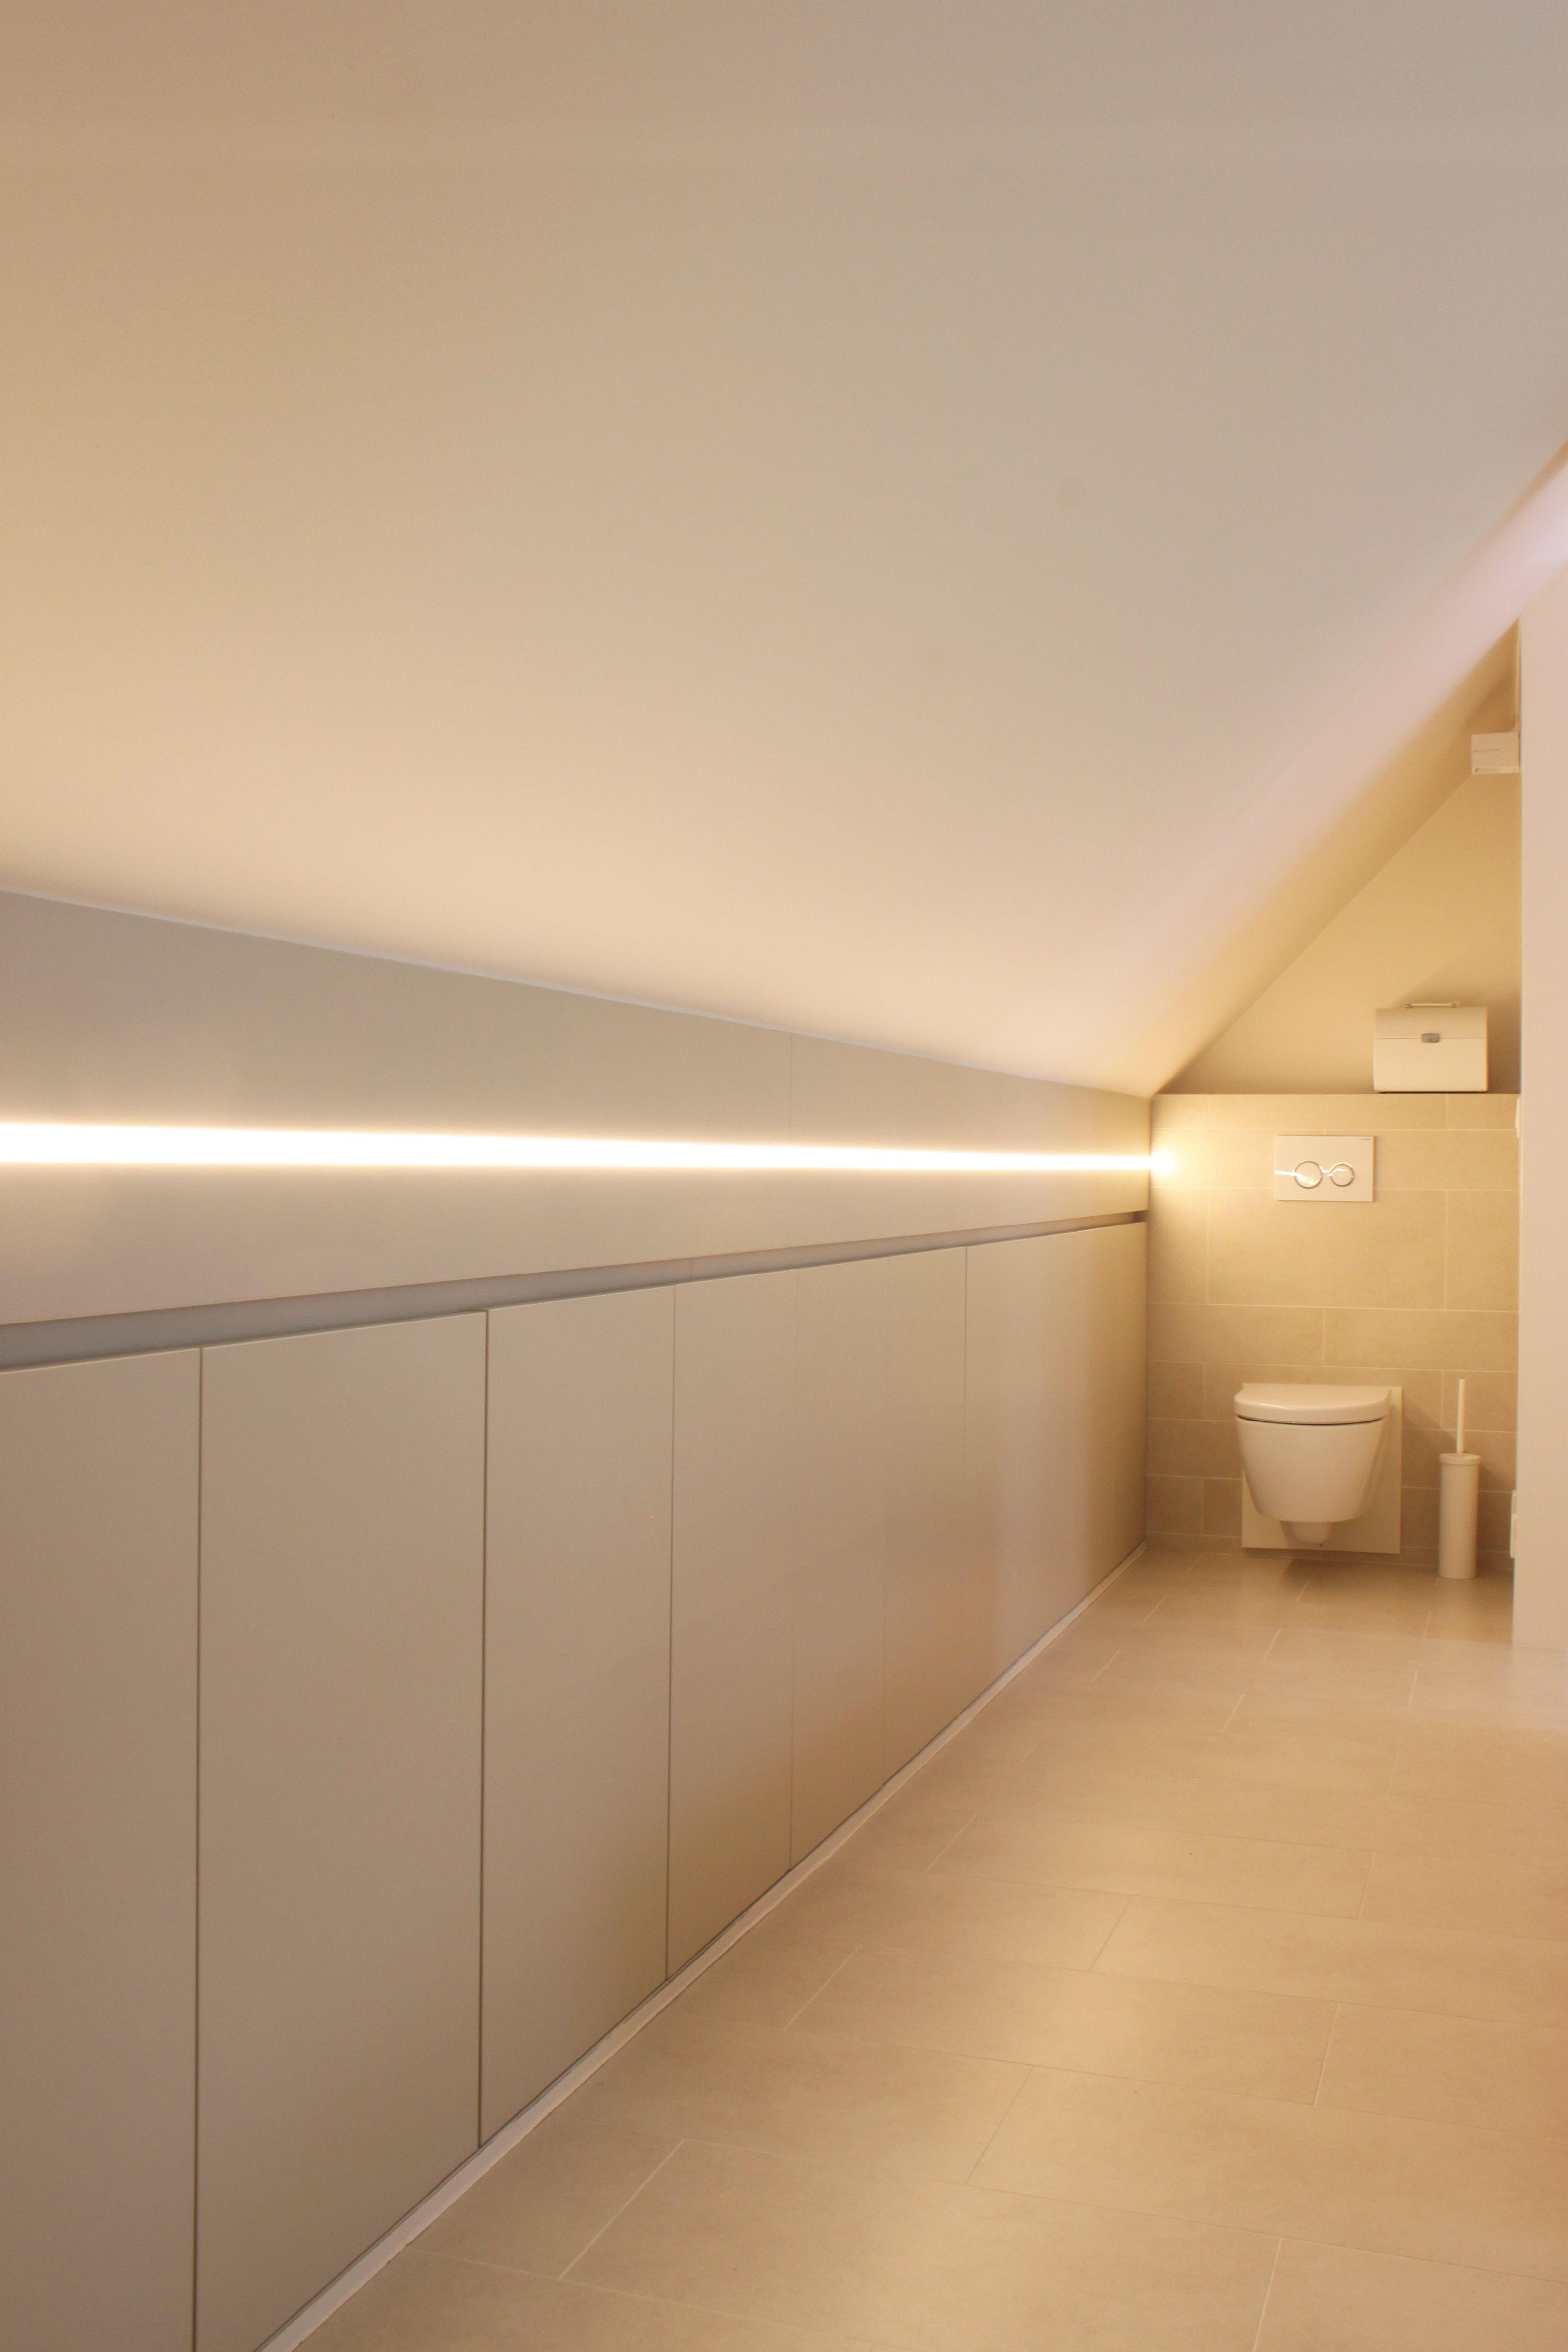 studio k inrichten zolderruimte tot slaapsuite 2012 interieur interior zolder attic